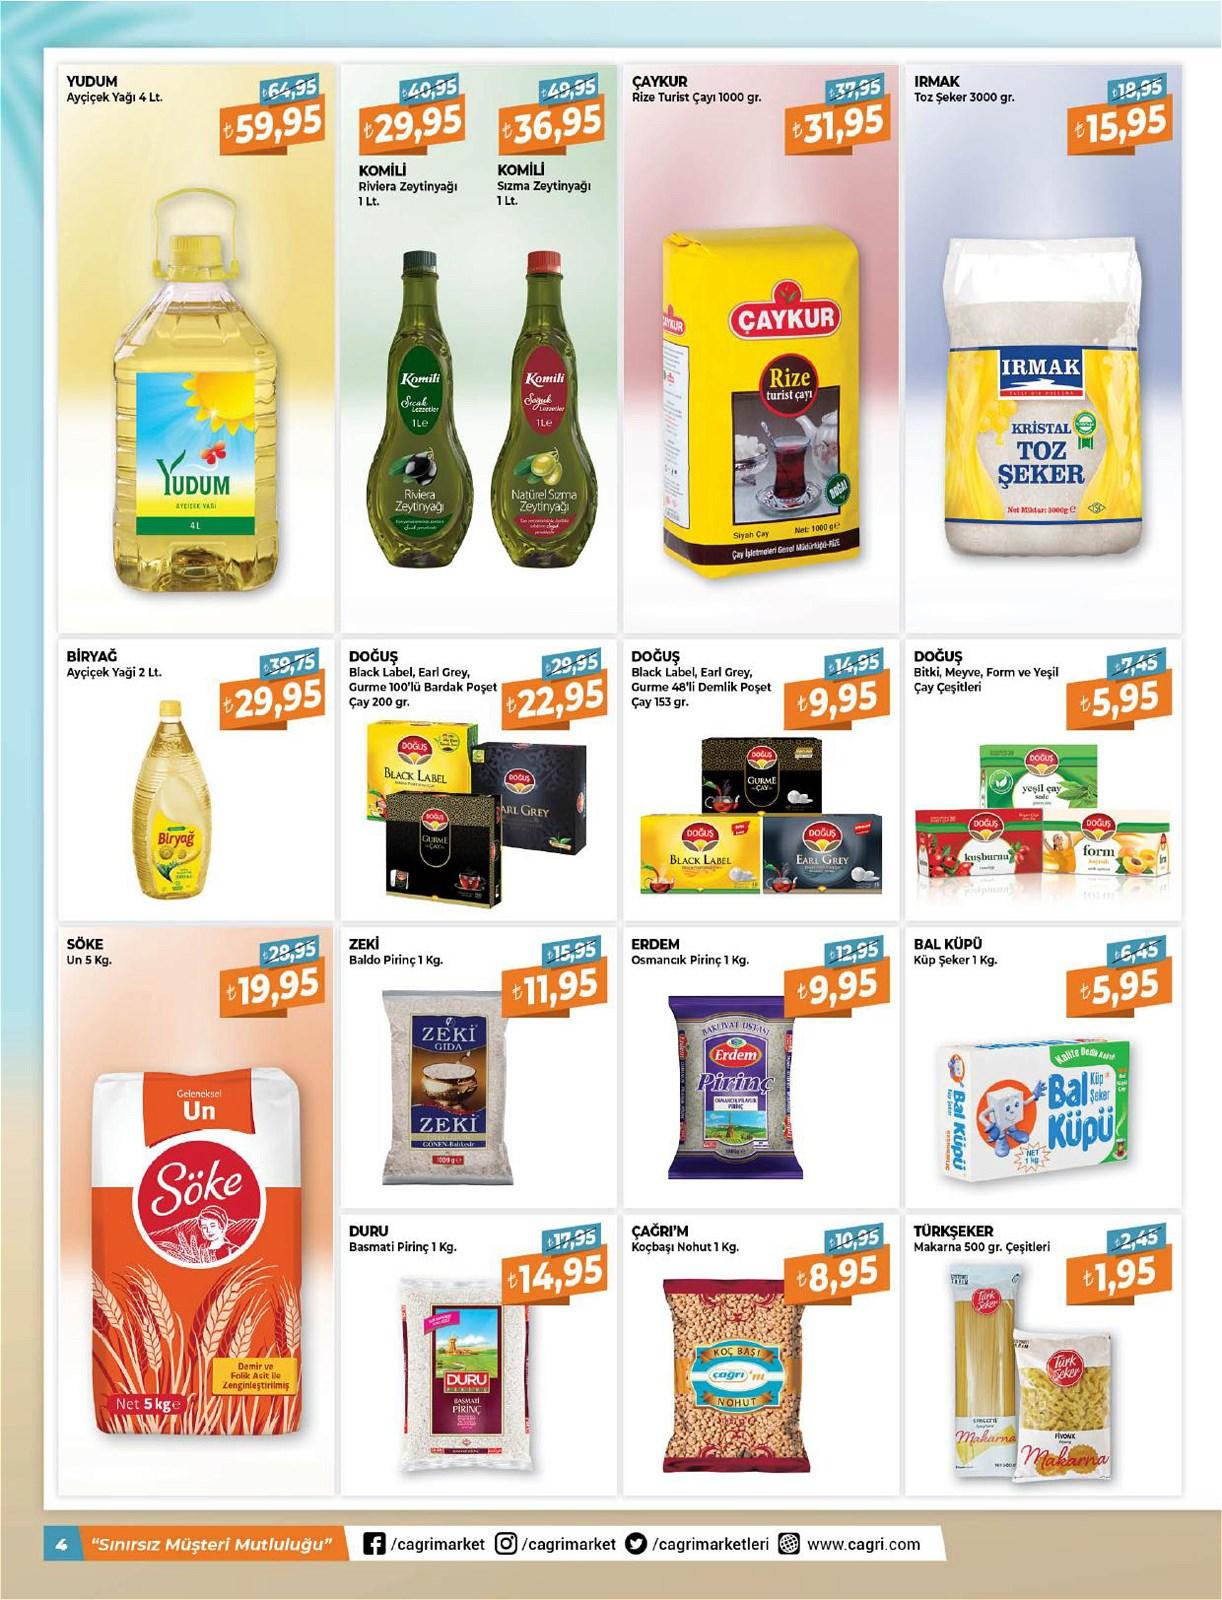 05.06.2021 Çağrı Hipermarket broşürü 4. sayfa